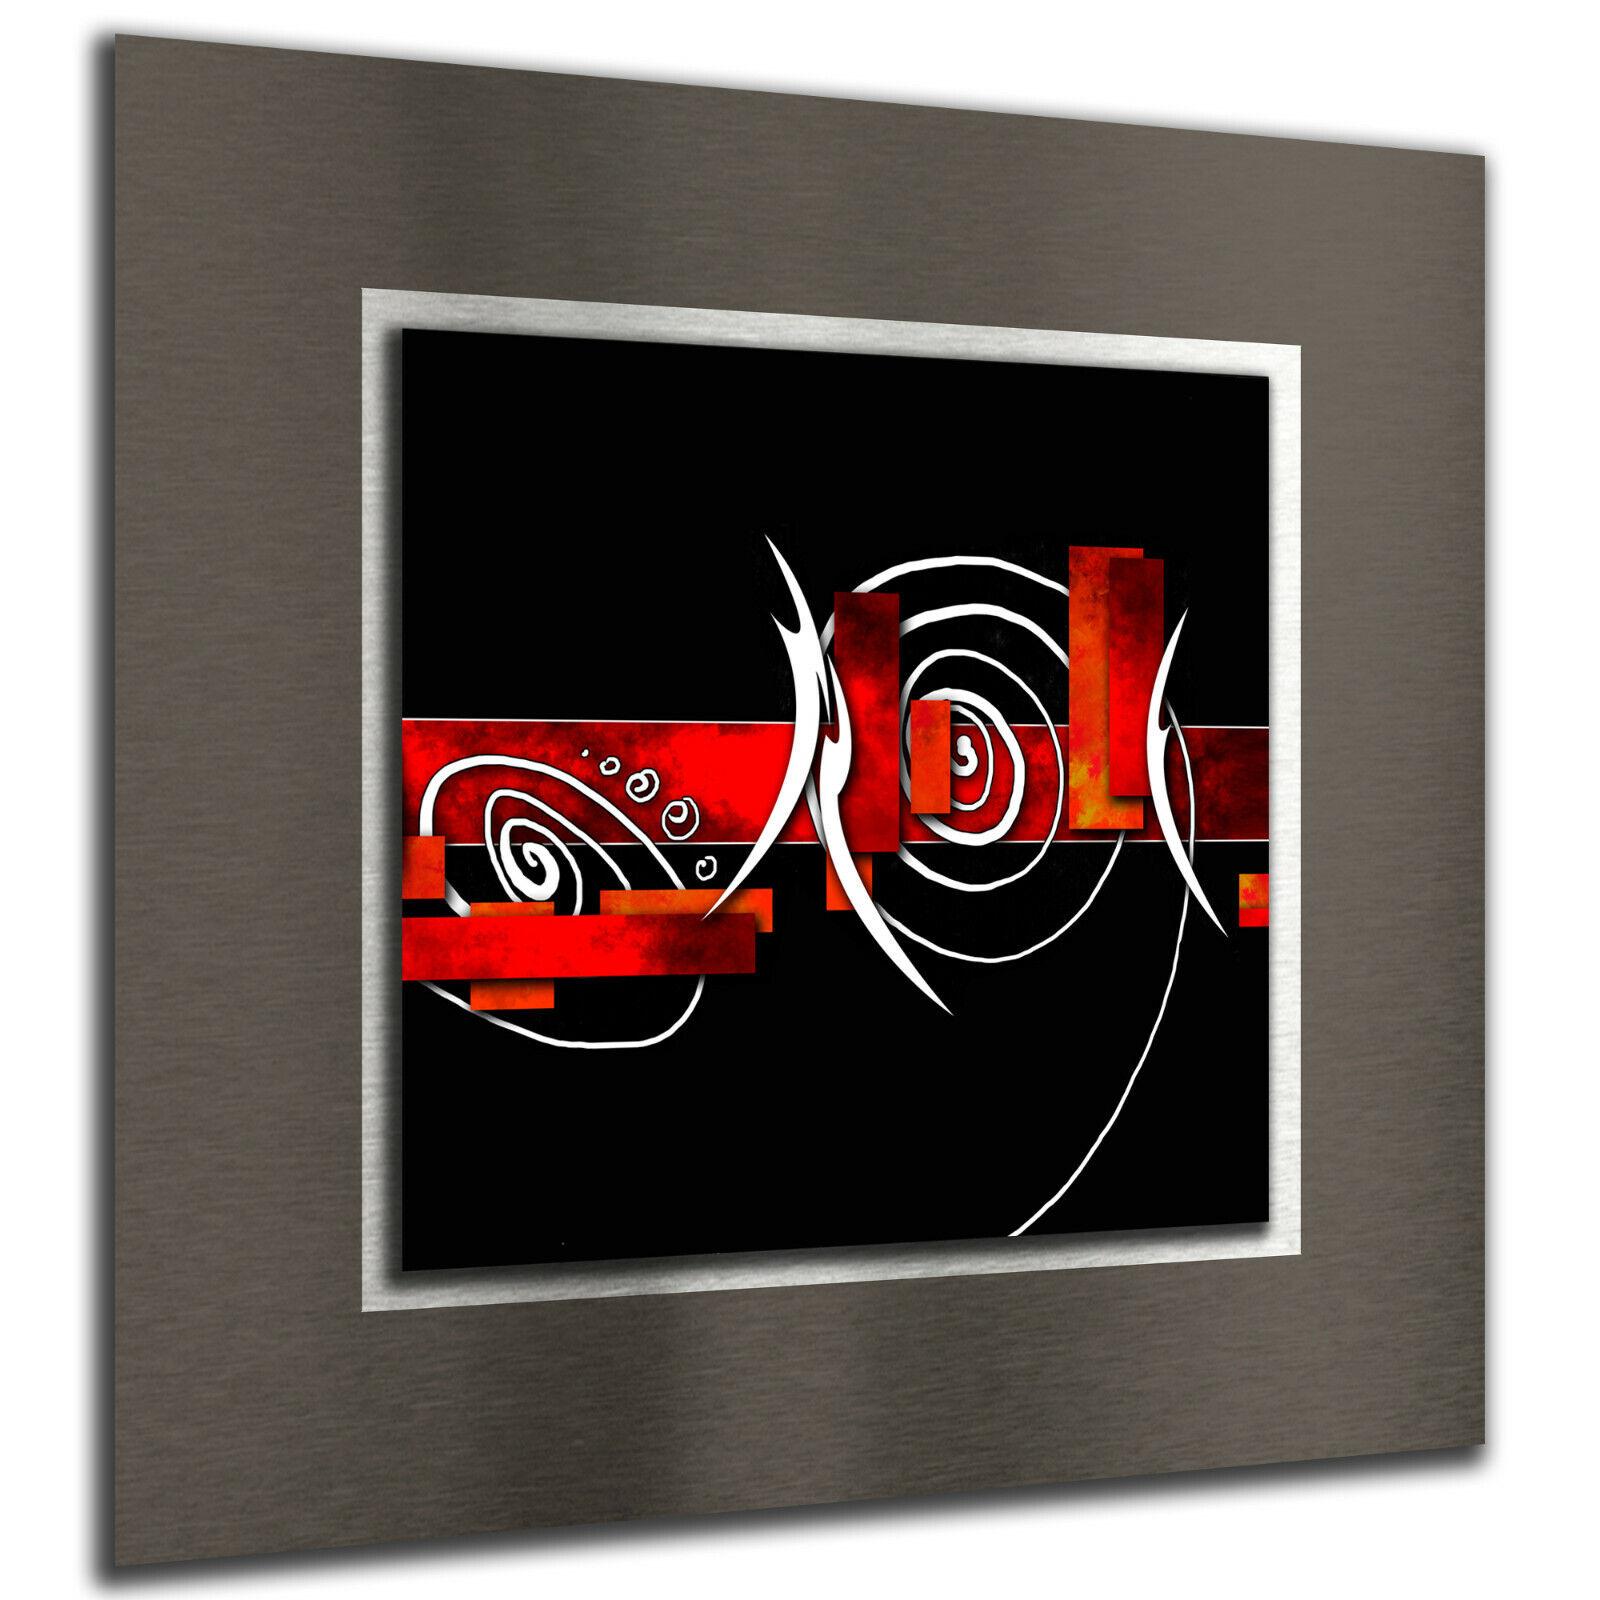 BM 3d immagine immagini muro immagini Alu DIGITAL ART ASTRATTO 6636-1ba